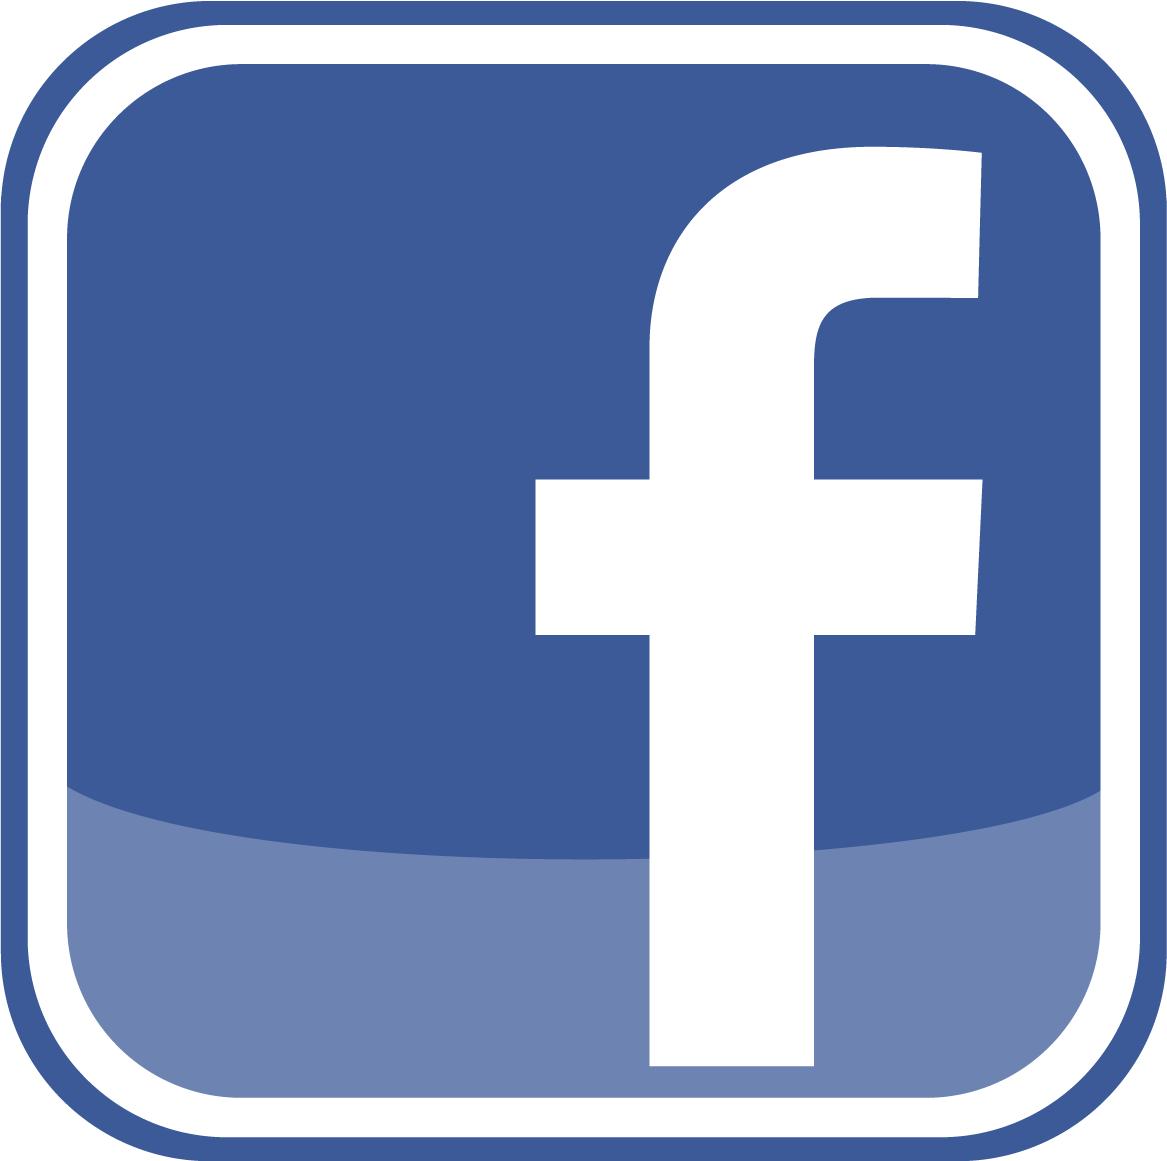 https://www.facebook.com/?ref=tn_tnmn